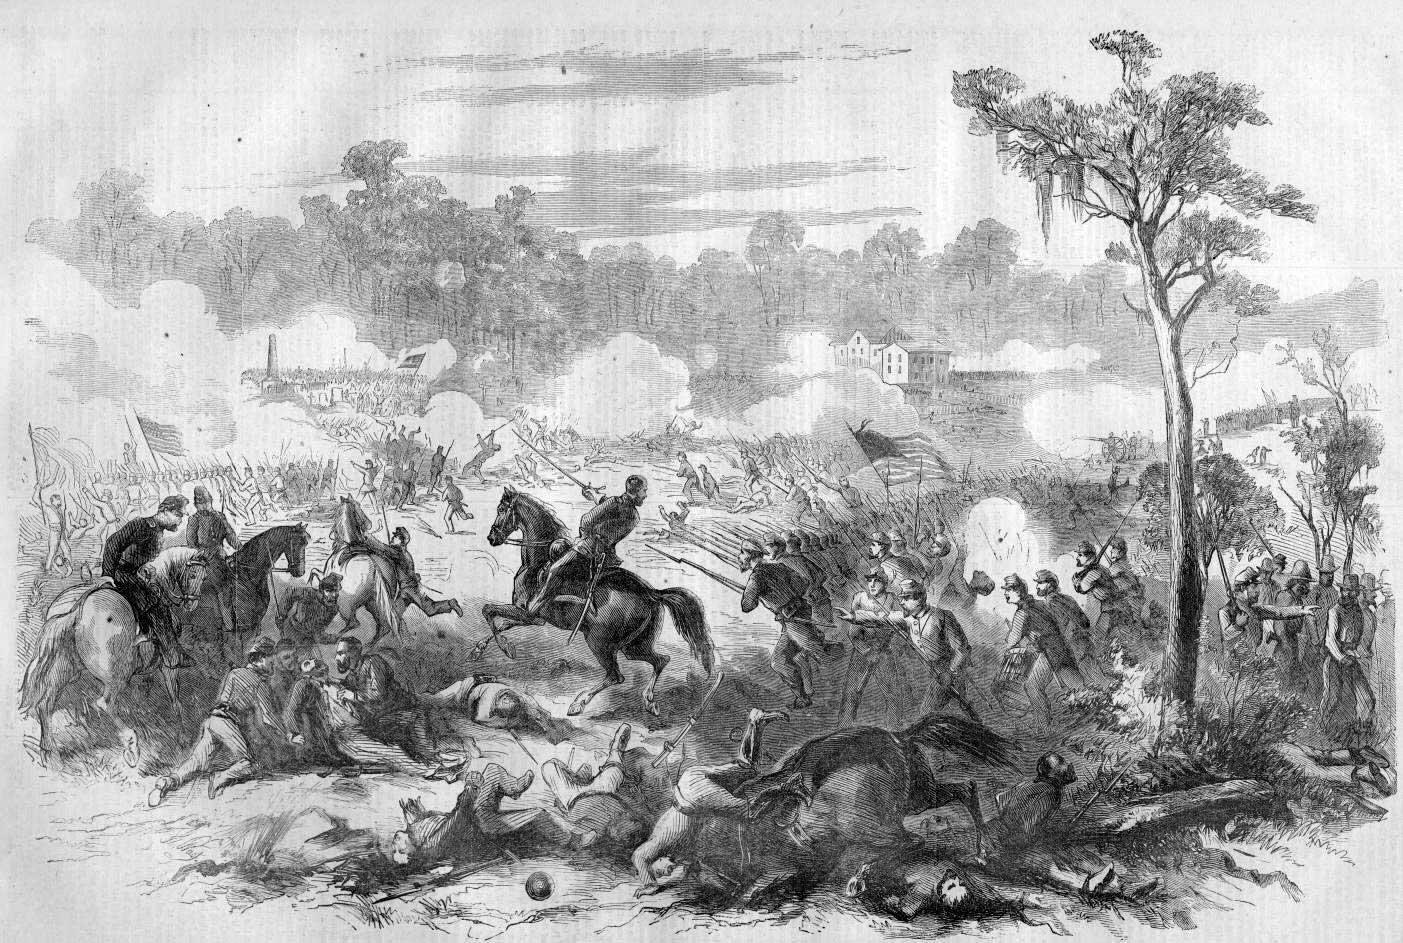 バトンルージュの戦い 1862年 wikipedia